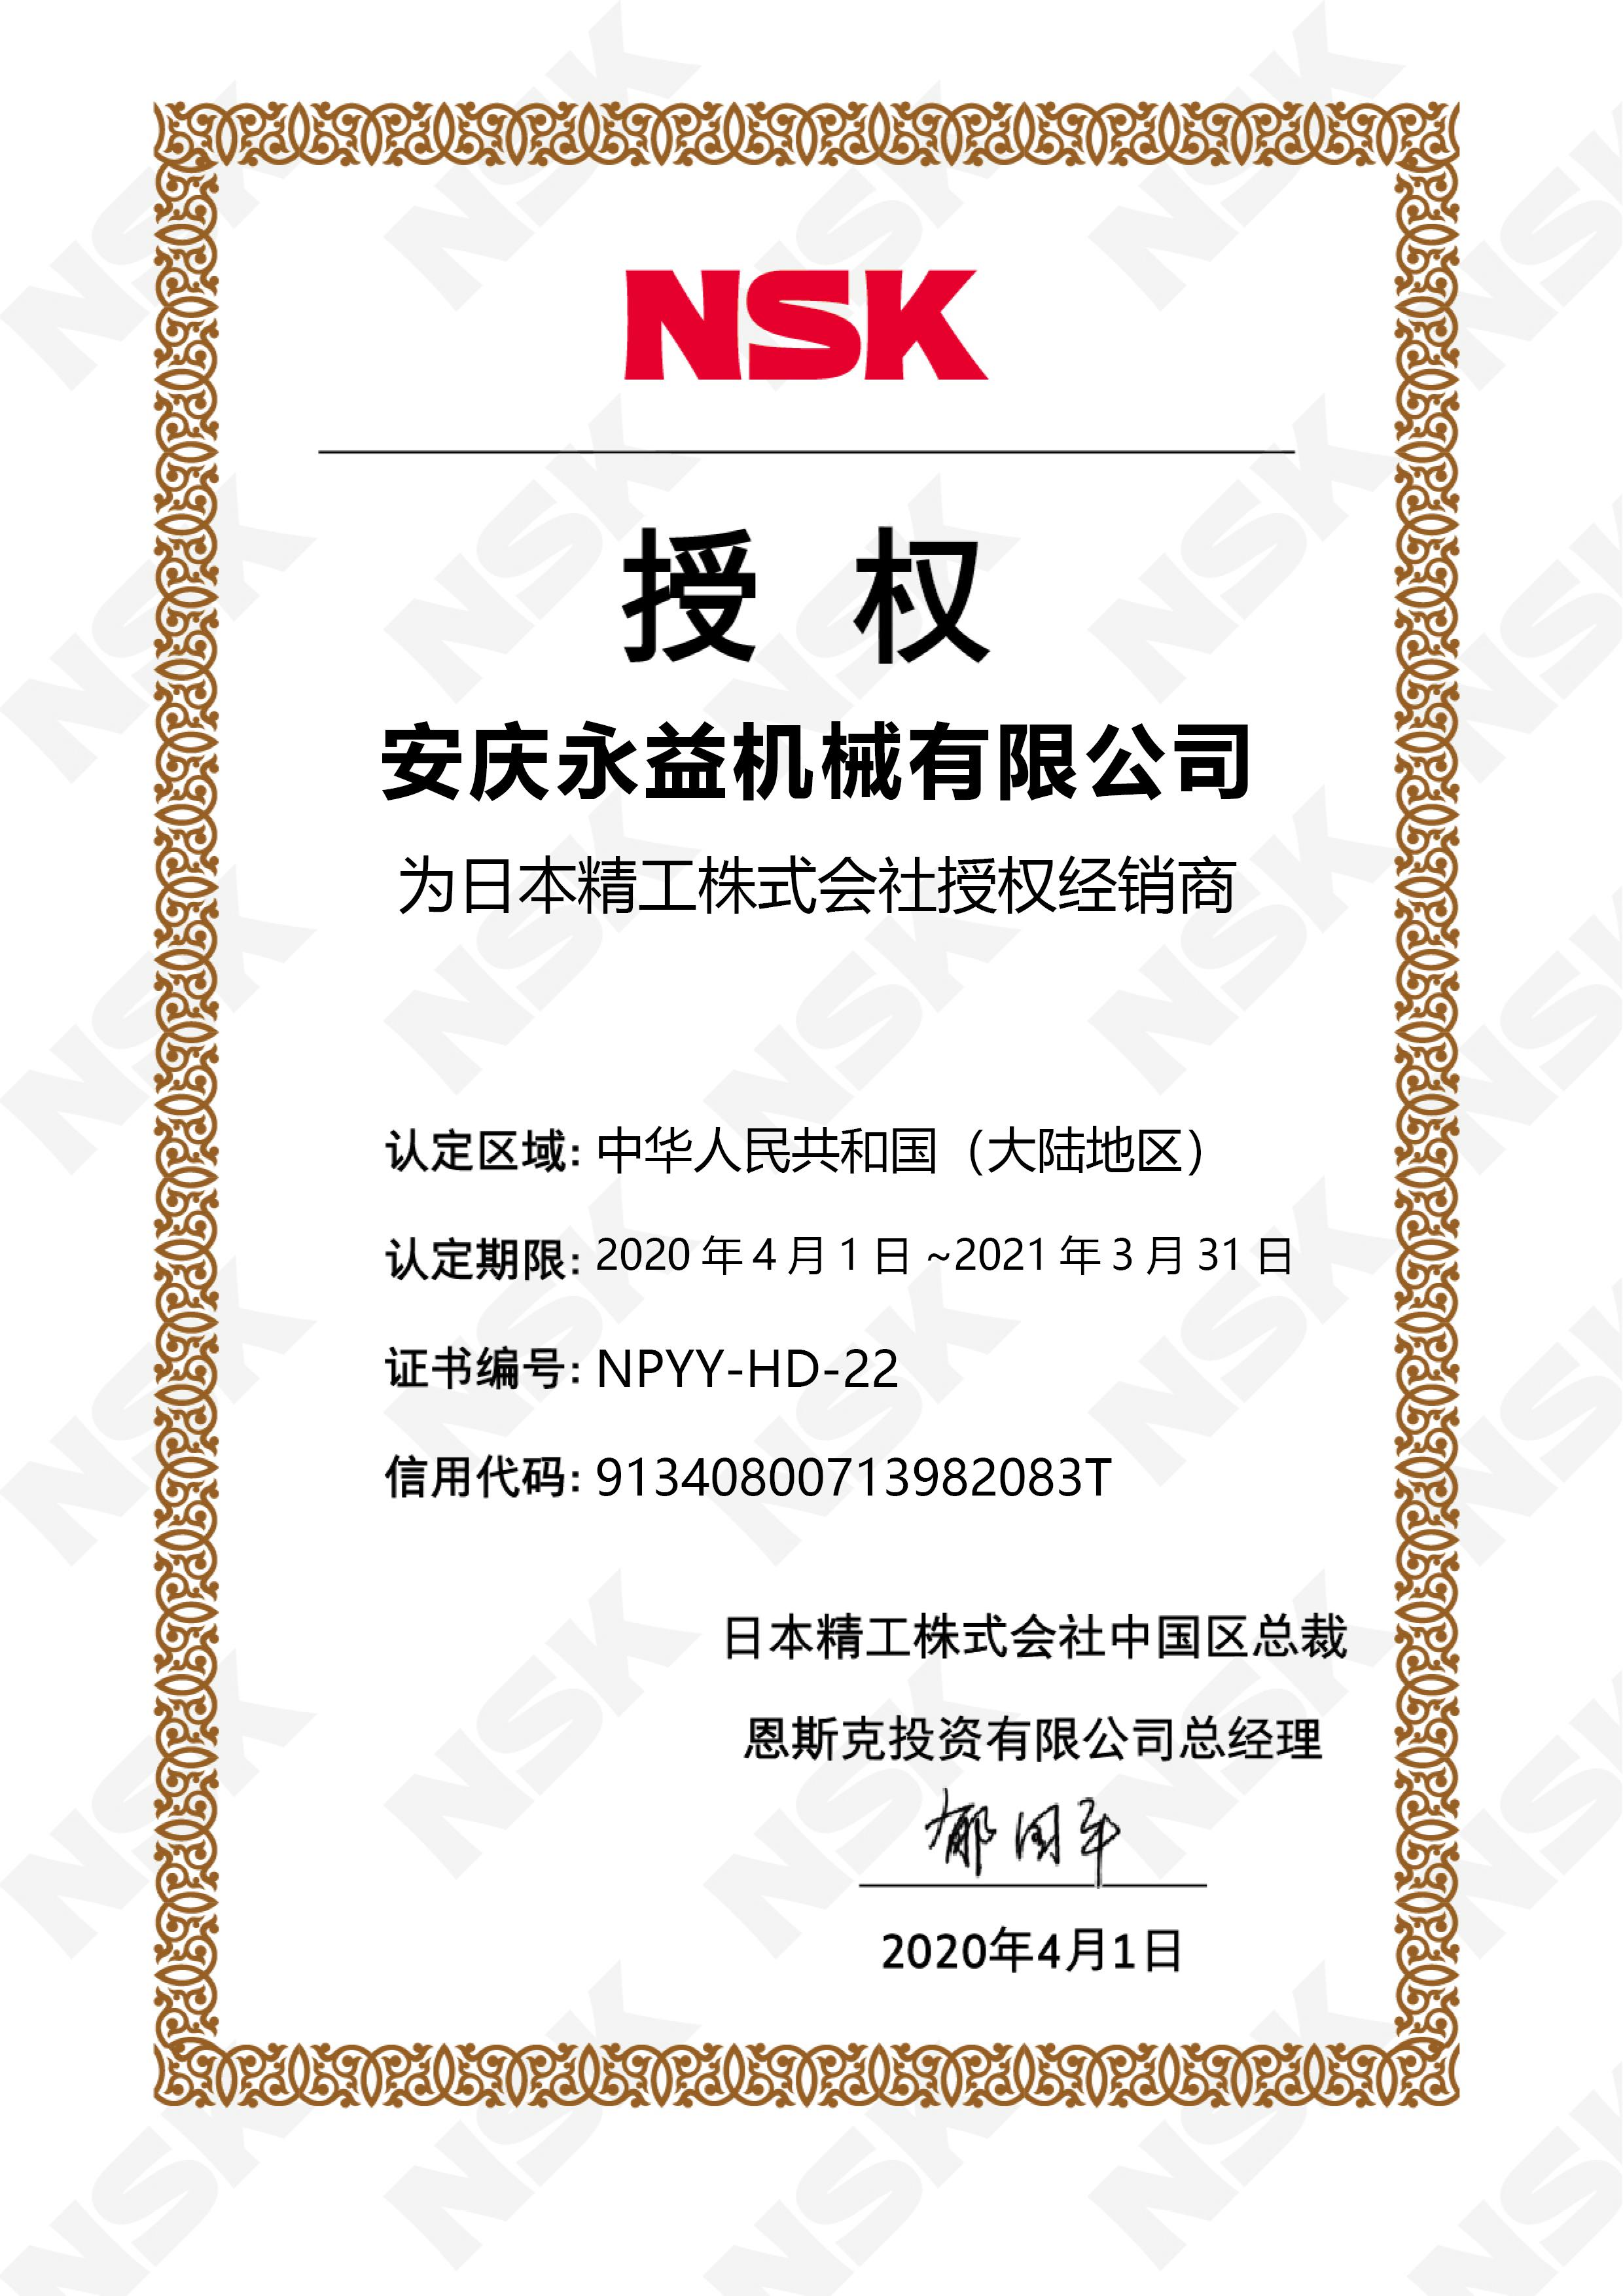 2020年NSK证书